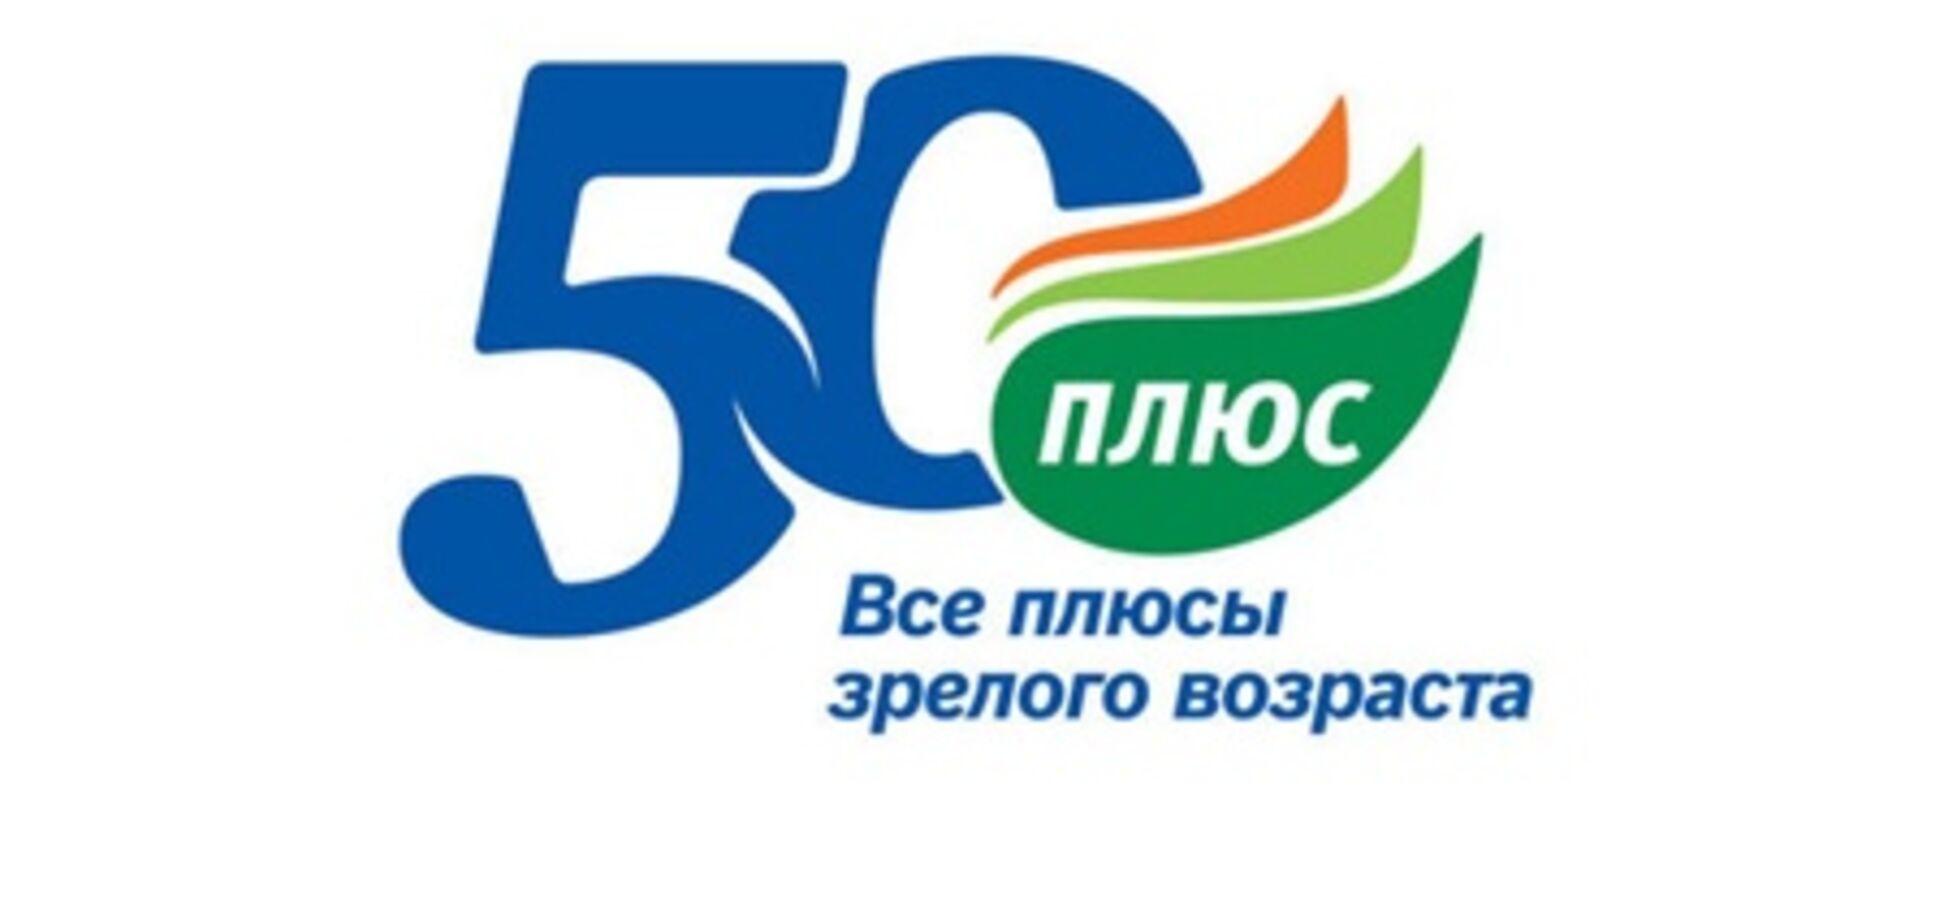 Немного о проекте '50 ПЛЮС'